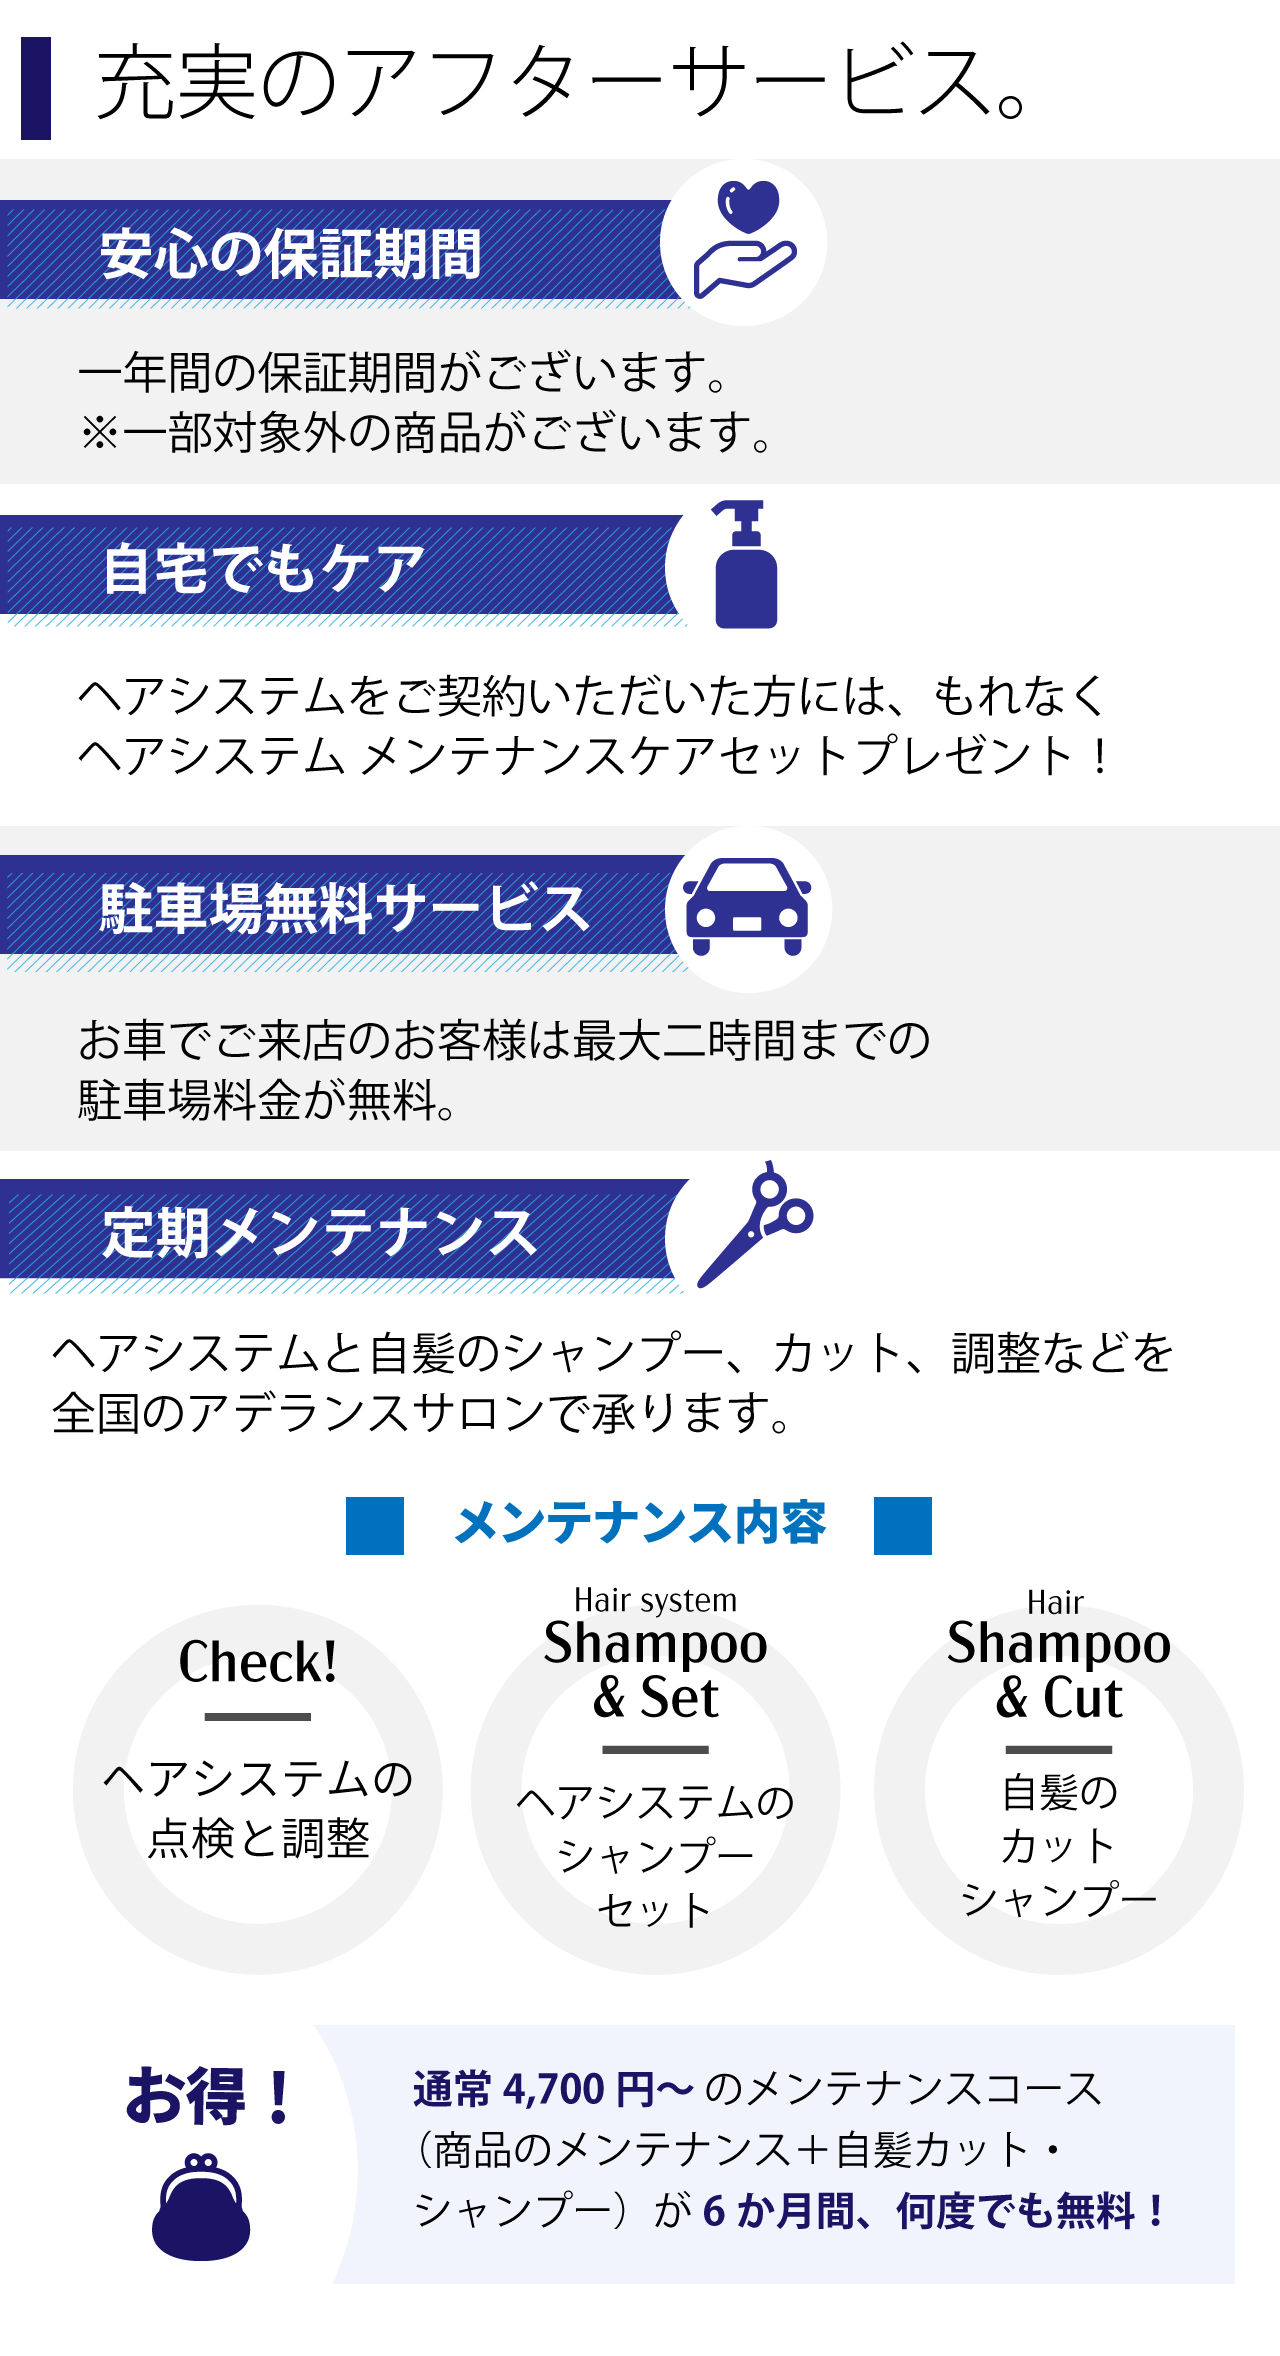 充実のアフターサービス 安心の保証期間 自宅でのケア 駐車場無料サービス 定期メンテナンス